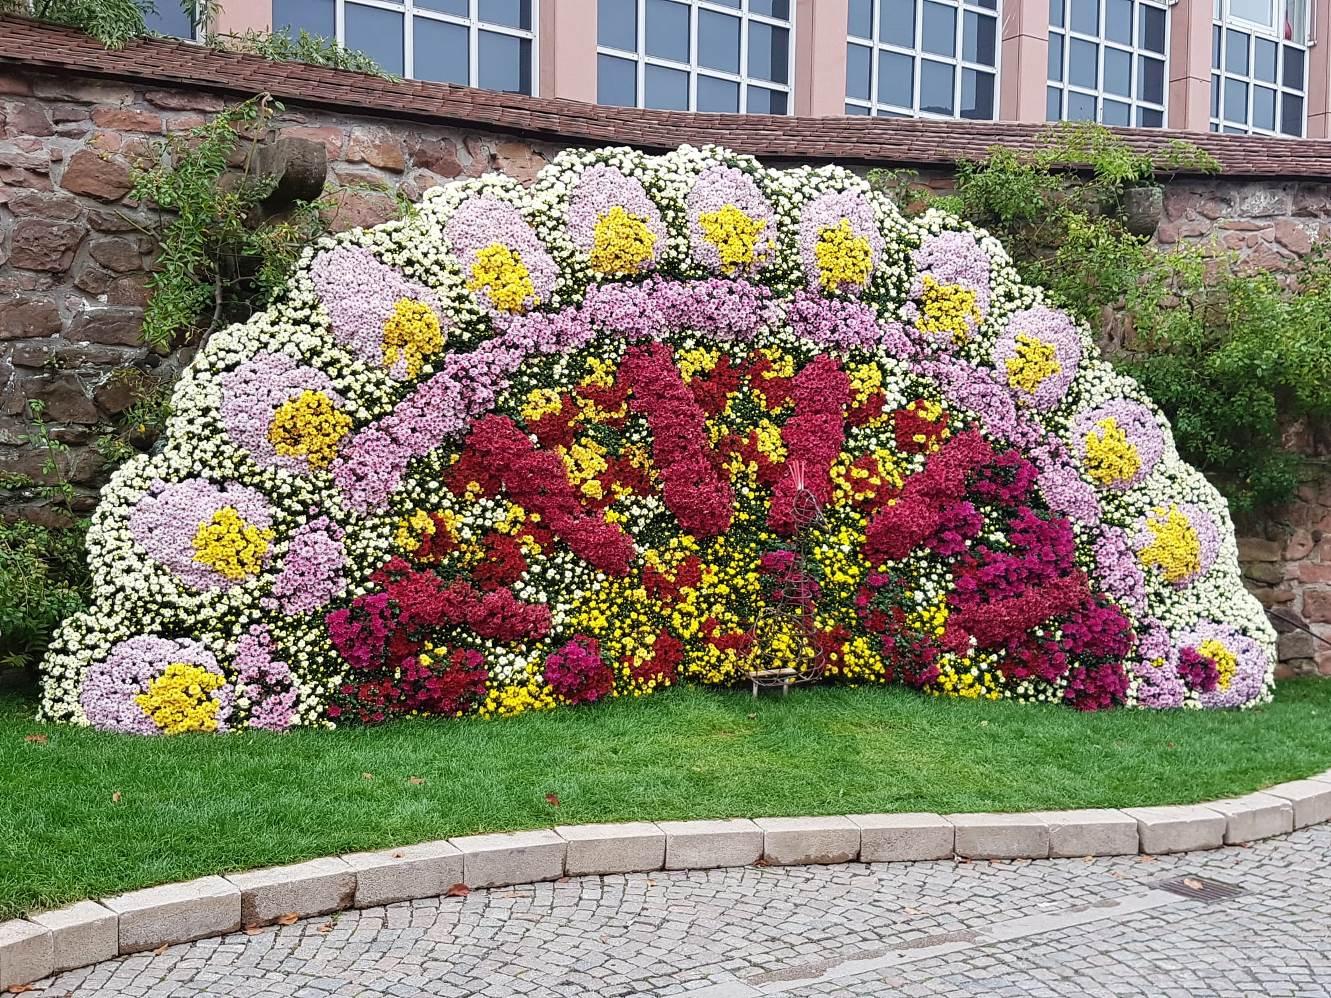 Besuch der Chrysanthema in Lahr